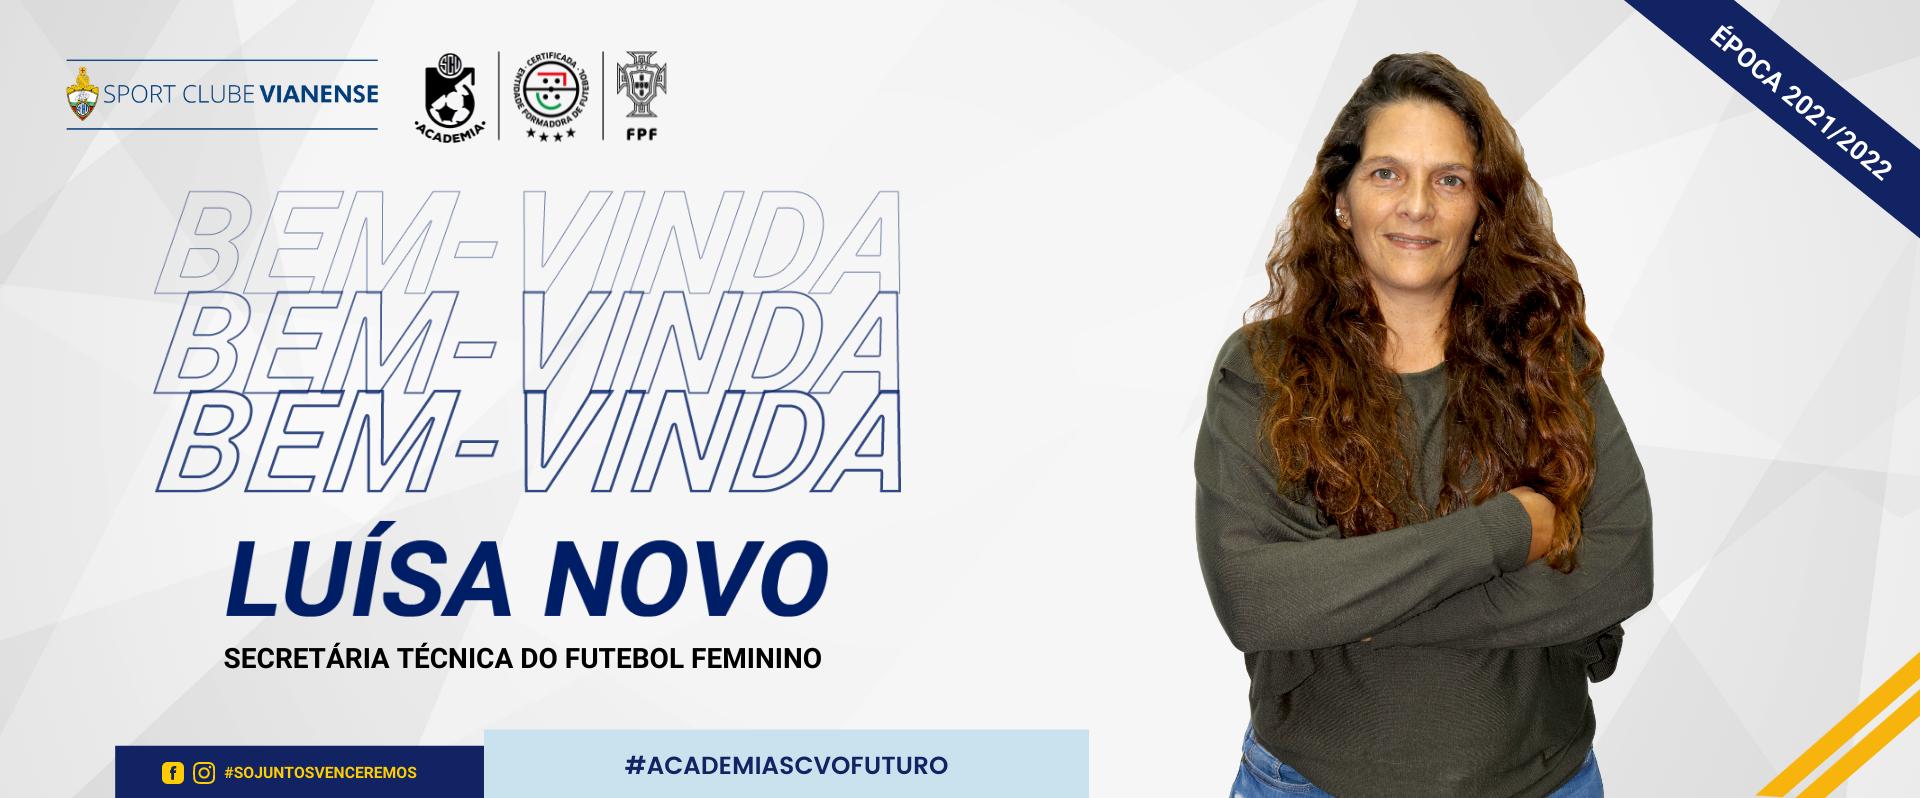 Luísa Novo reforça o futebol feminino